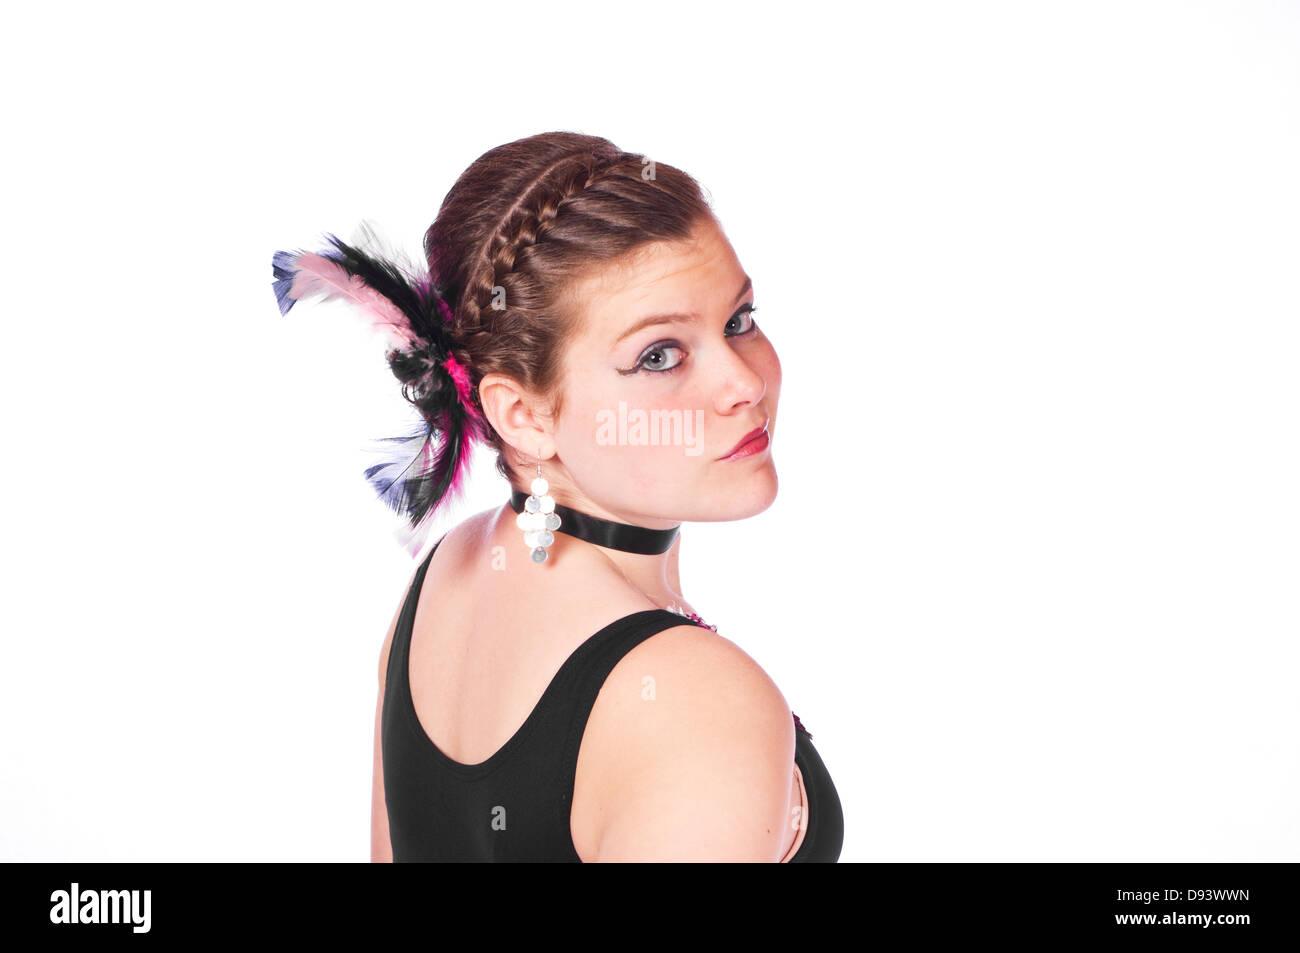 8e77c94cd Teen girl in dance costume against white background Stock Photo ...